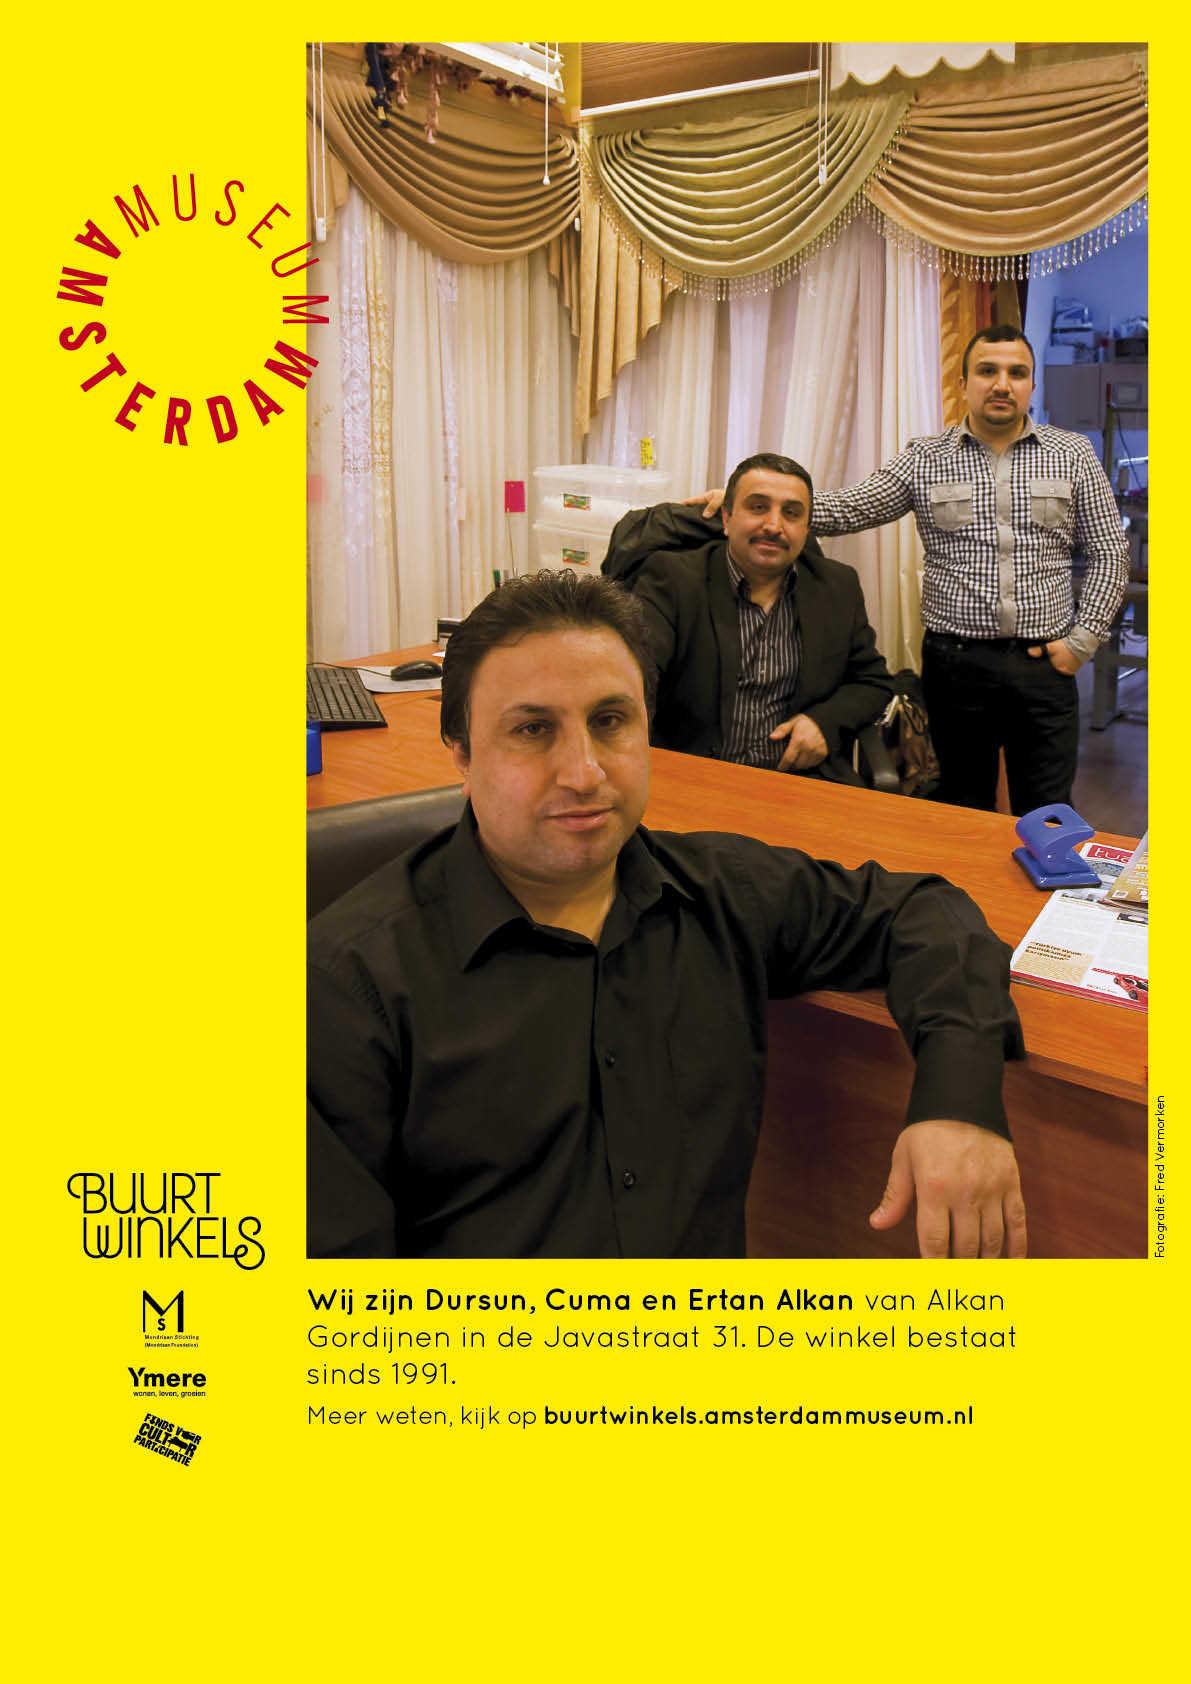 alkan gordijnen ondernemersportret foto fred vermorken 2011